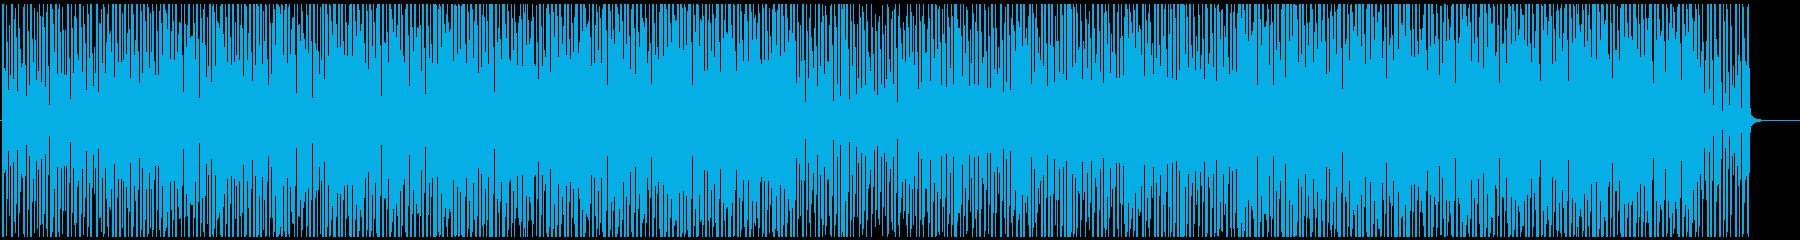 映像用おしゃれボサノバサンバ明るいリズムの再生済みの波形